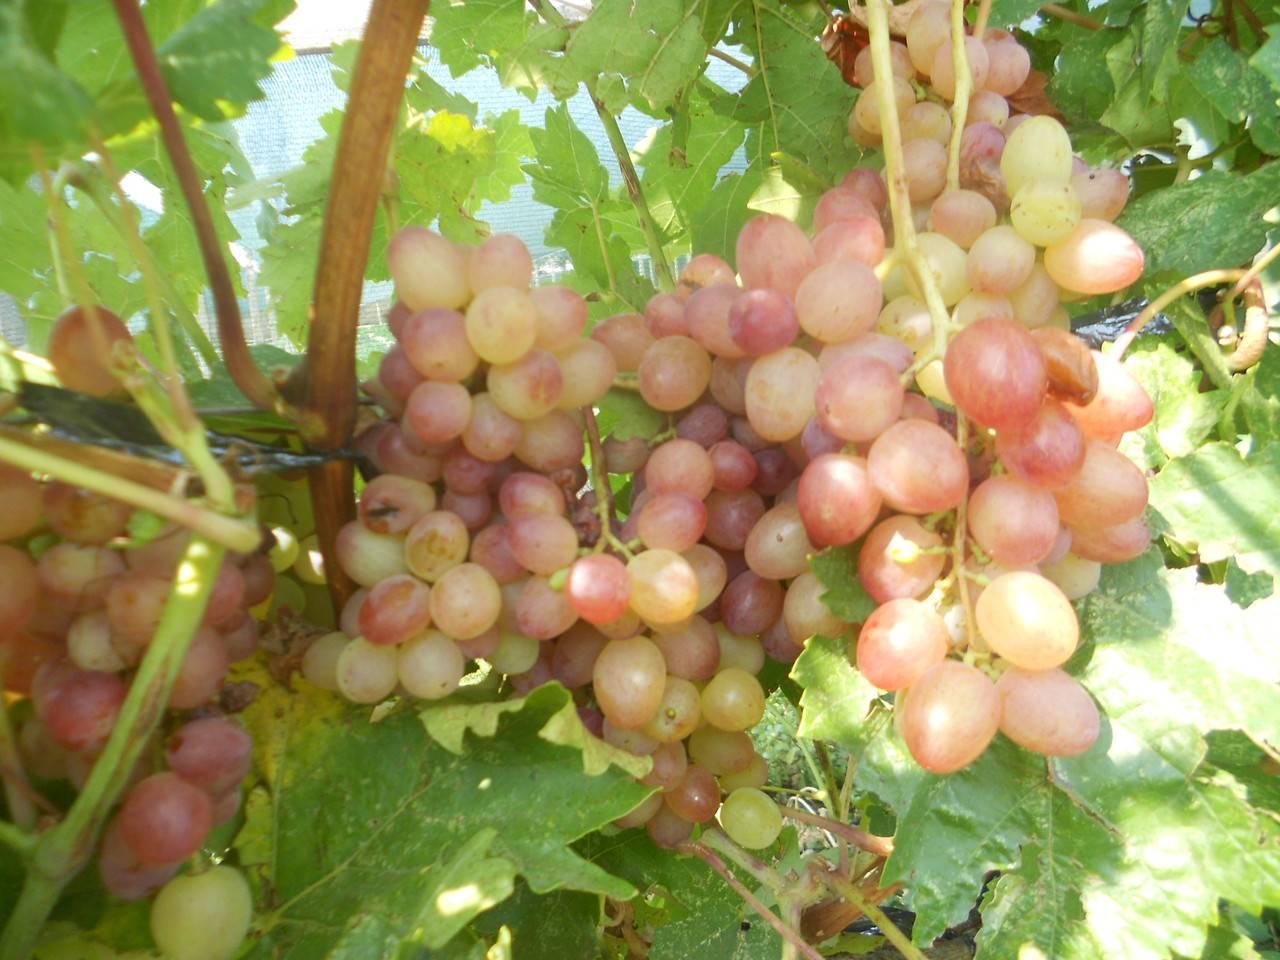 Виноград русбол: проверенный кишмишевый советско-болгарский сорт